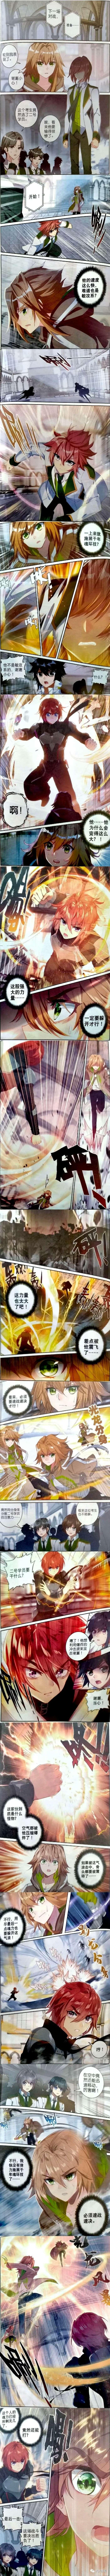 【漫画更新】斗罗大陆3龙王传说154话